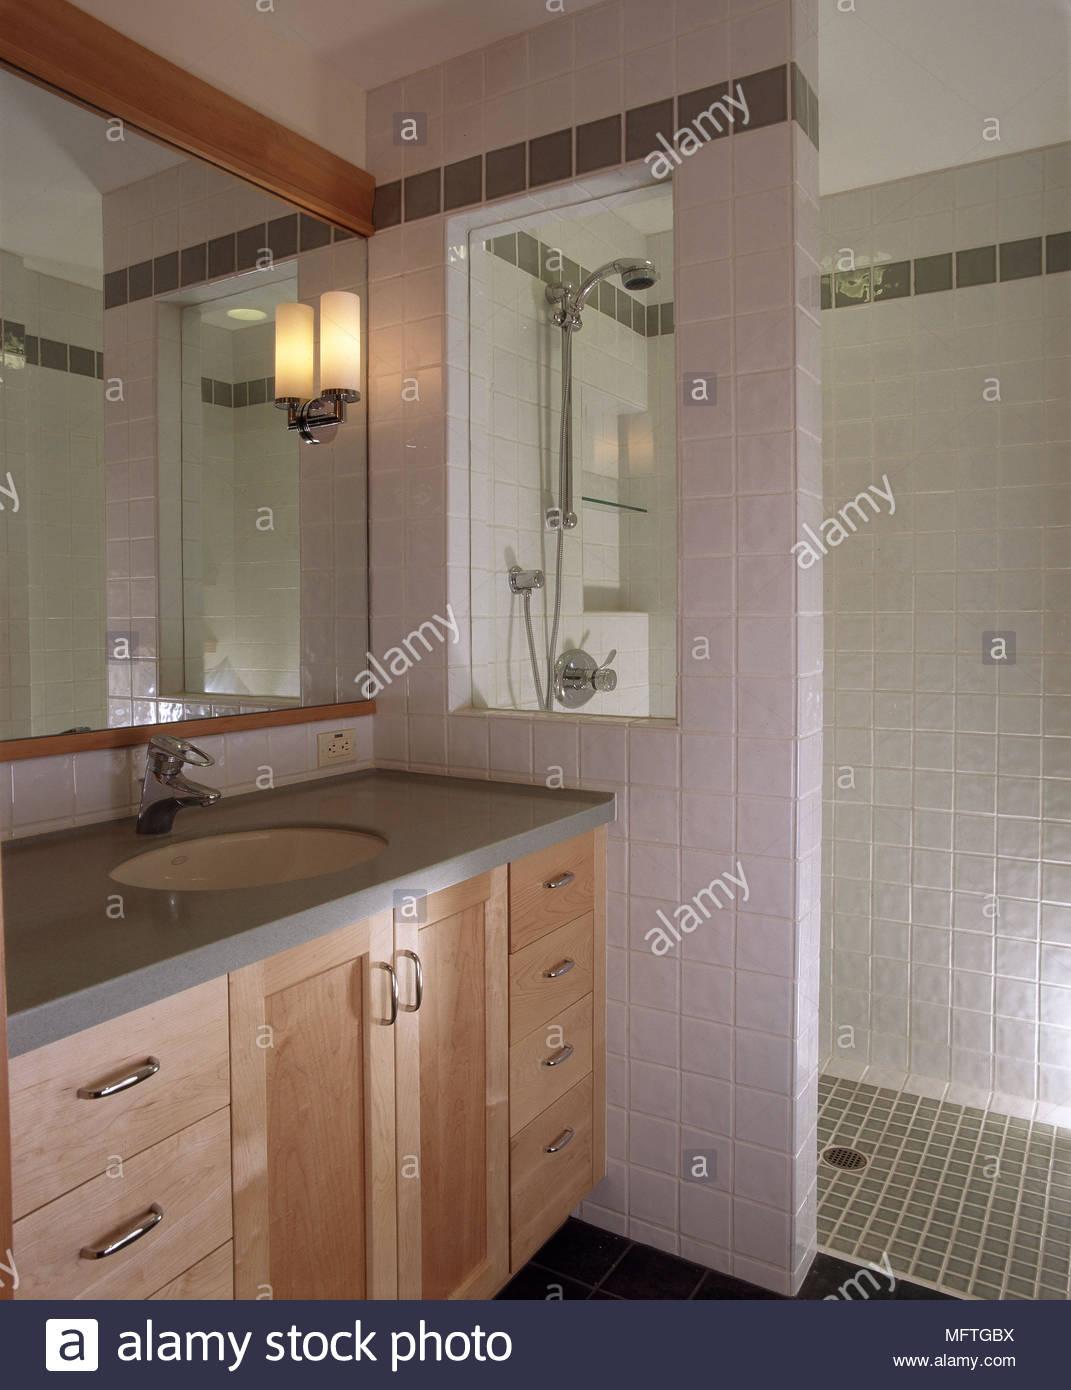 Full Size of Kleine Moderne Duschen Dusche Ohne Fliesen Bilder Bodengleiche Gemauert Begehbare Ebenerdig Gefliest Badezimmer Schulte Modernes Bett Kaufen Werksverkauf Dusche Moderne Duschen